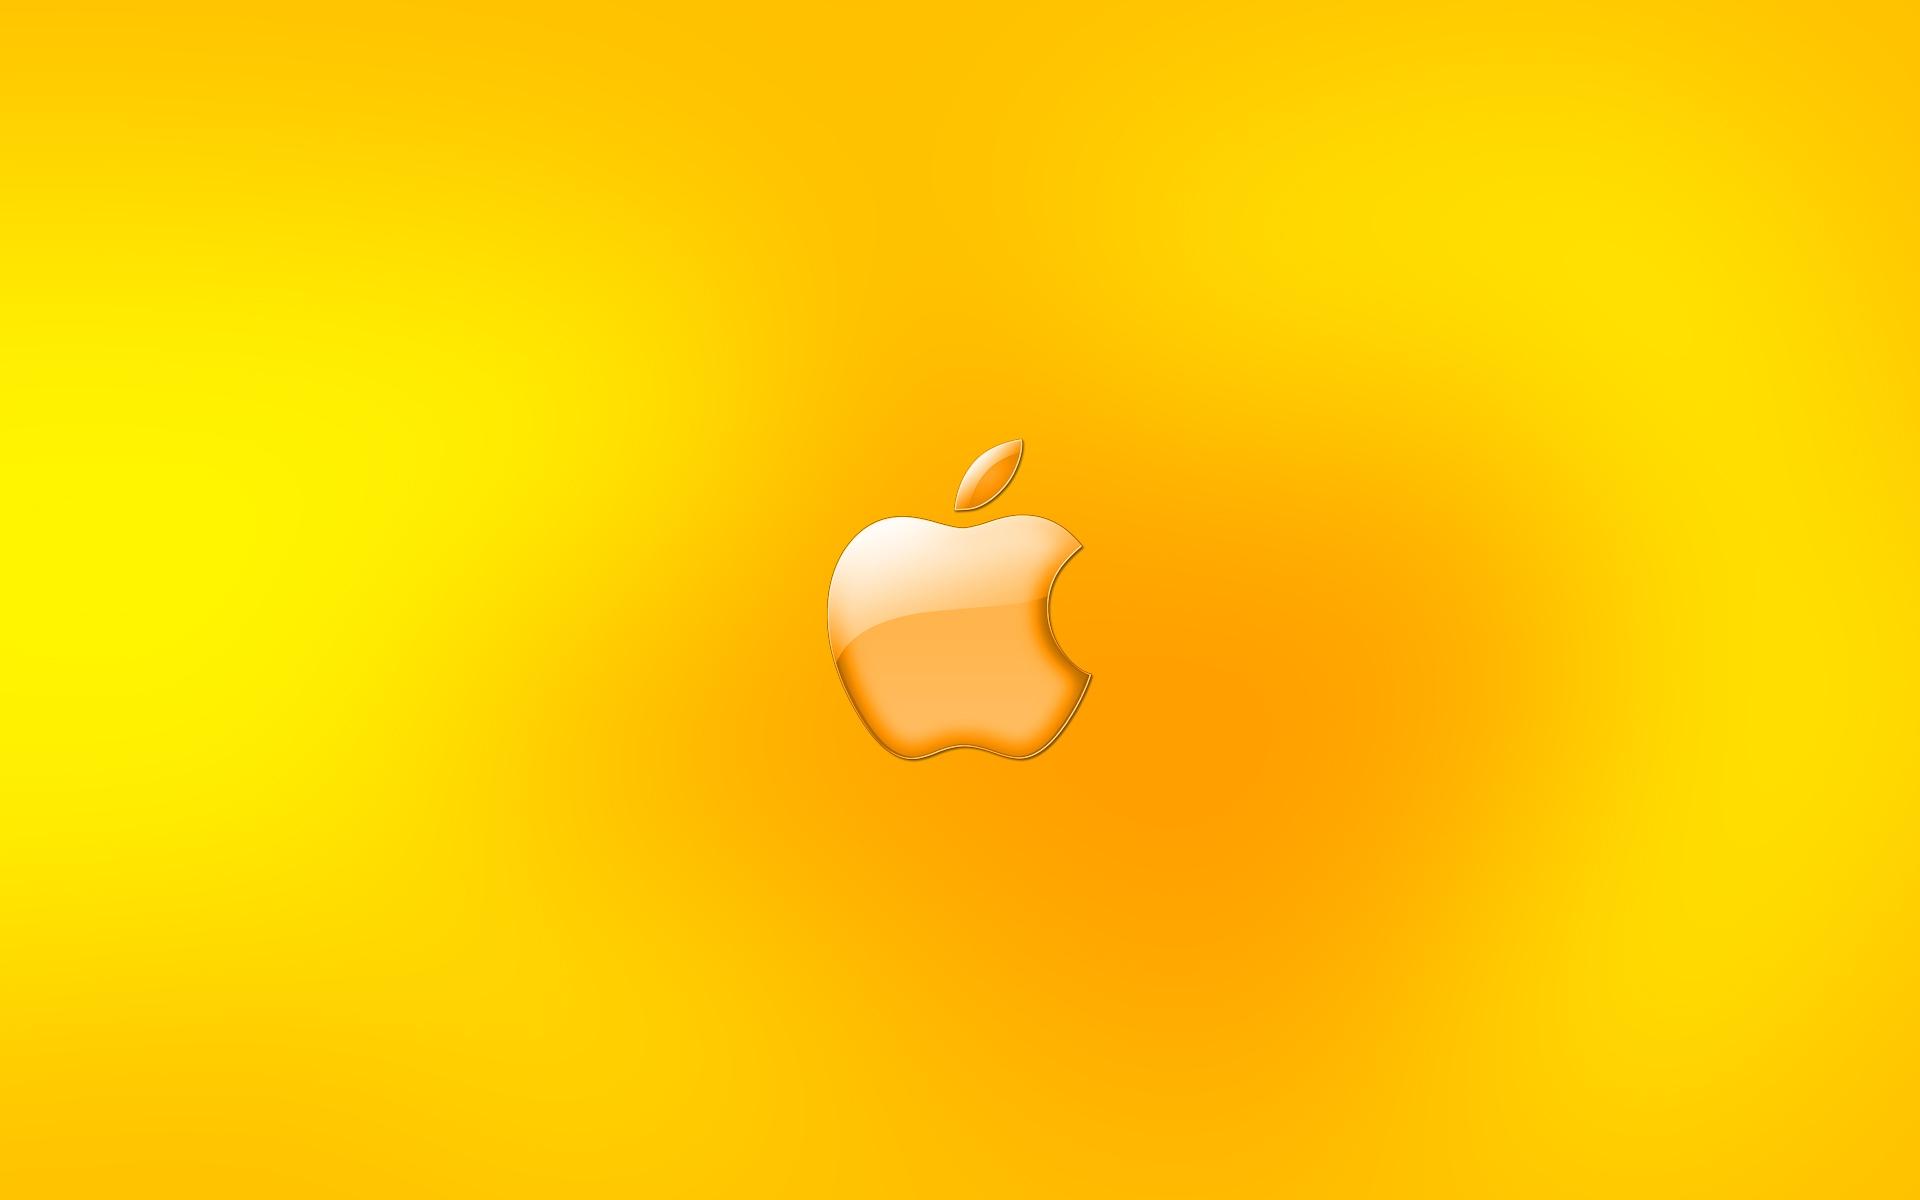 Wallpaper iphone kuning - Wallpaper Desktop Yellow Windows Desktop Bright